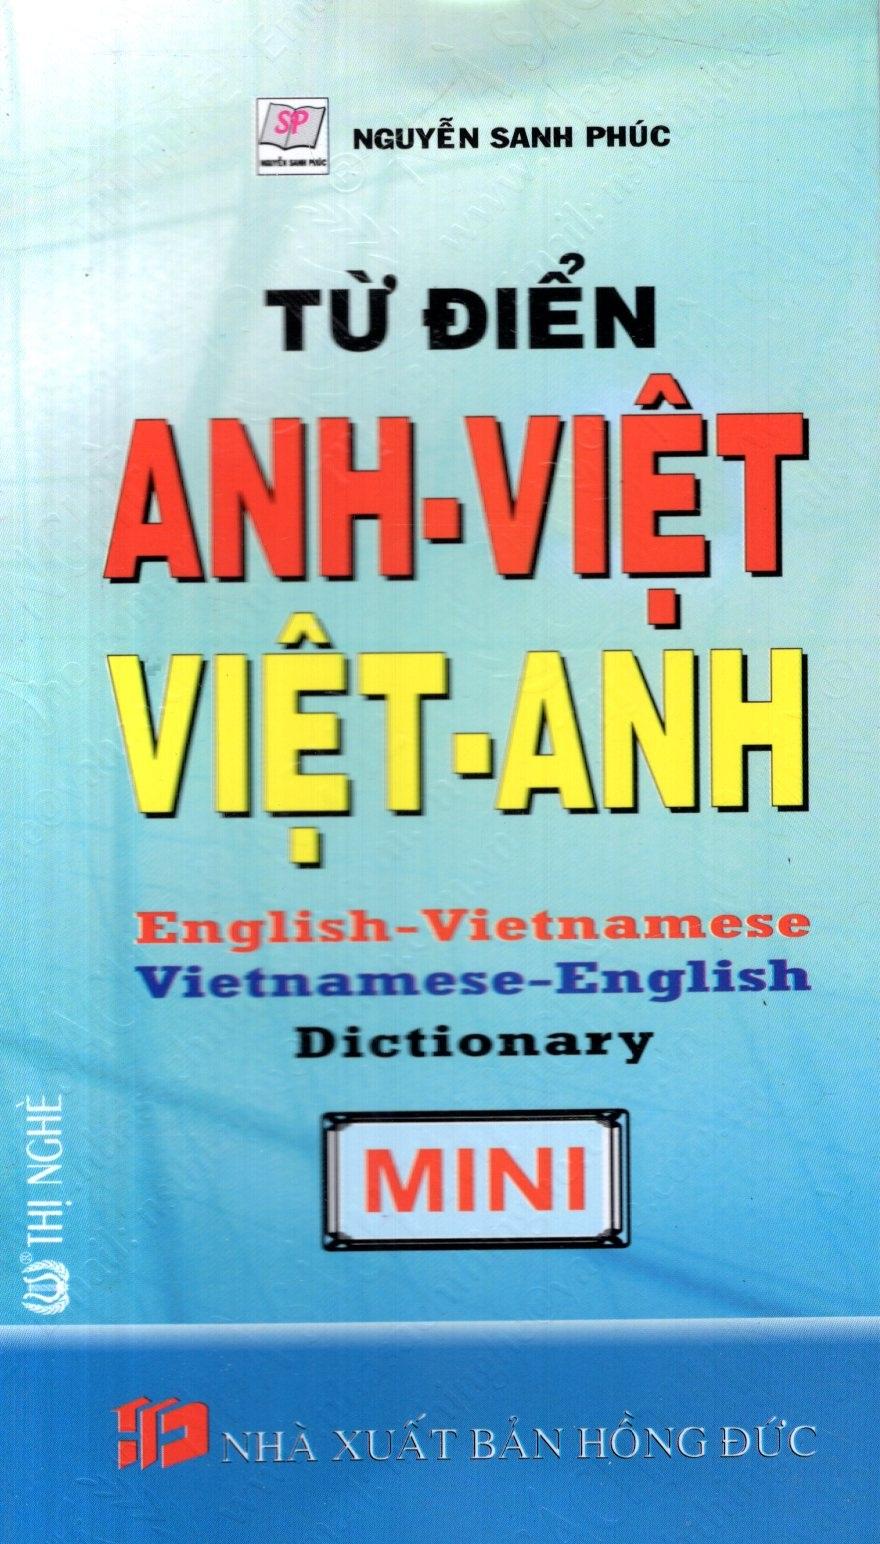 Bìa sách Từ Điển Anh - Việt, Việt - Anh - Sách Bỏ Túi